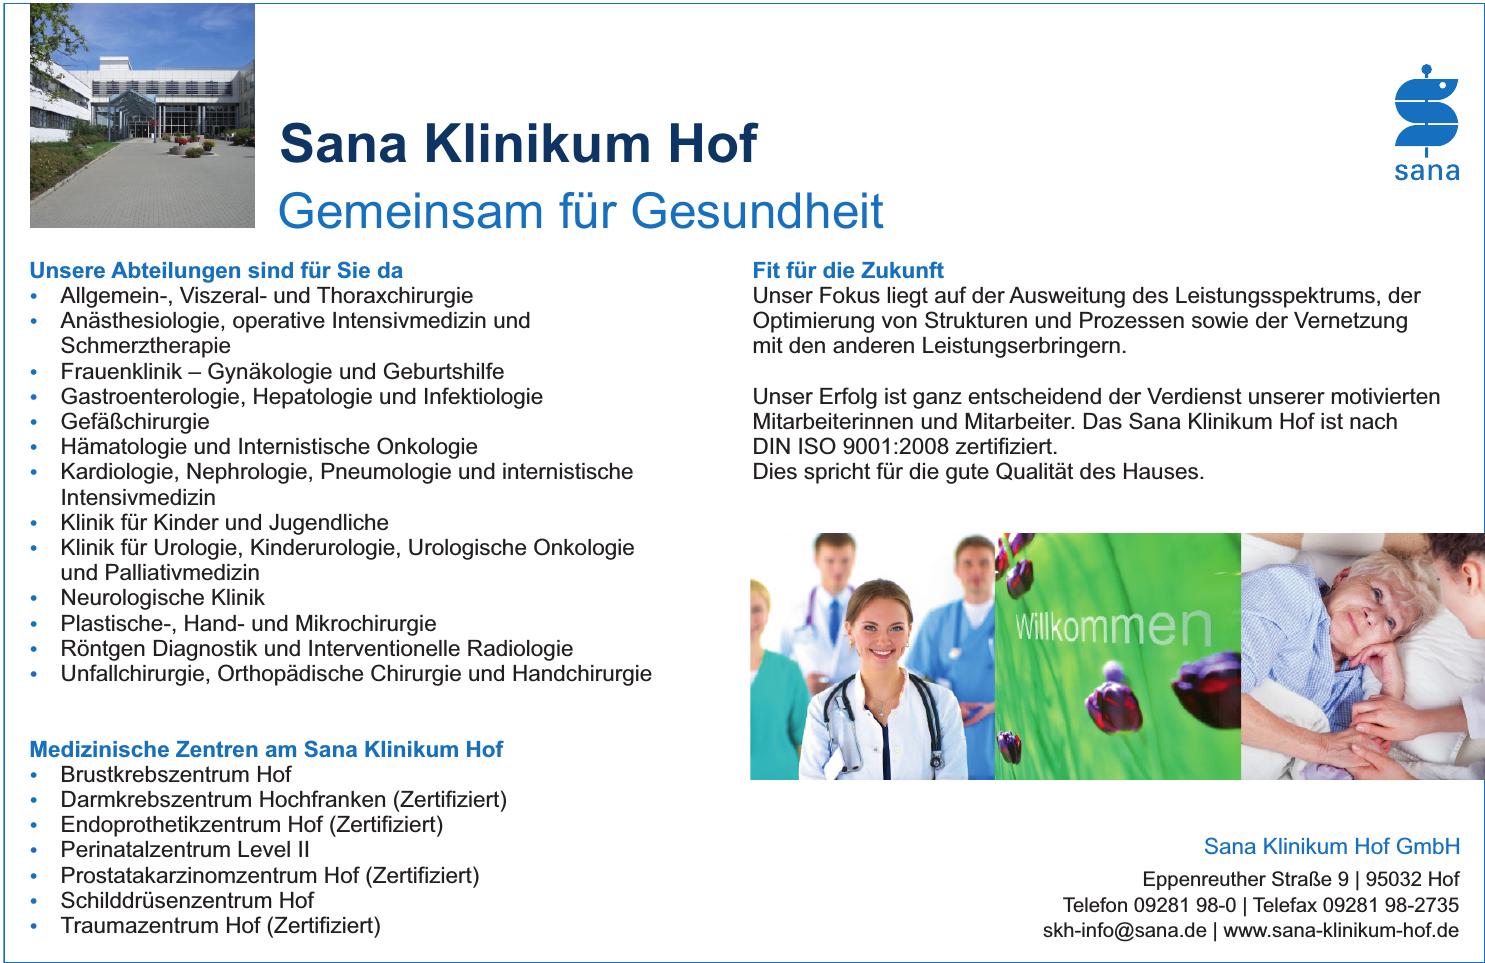 Sana Klinikum Hof GmbH